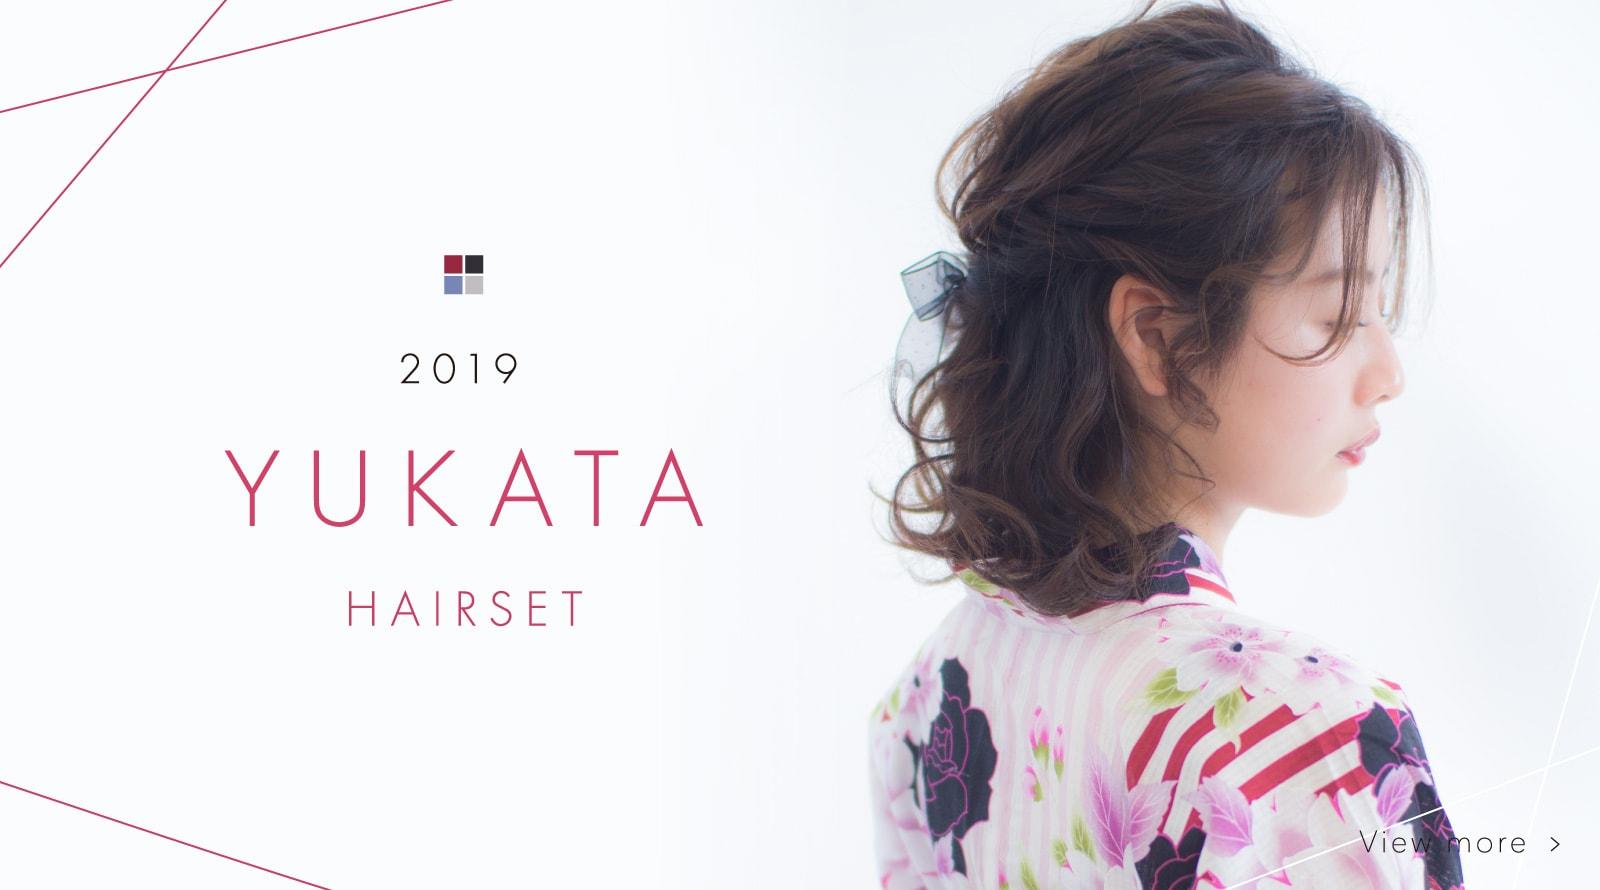 2019年夏 花火大会、夏祭りにおすすめ浴衣ヘアセット